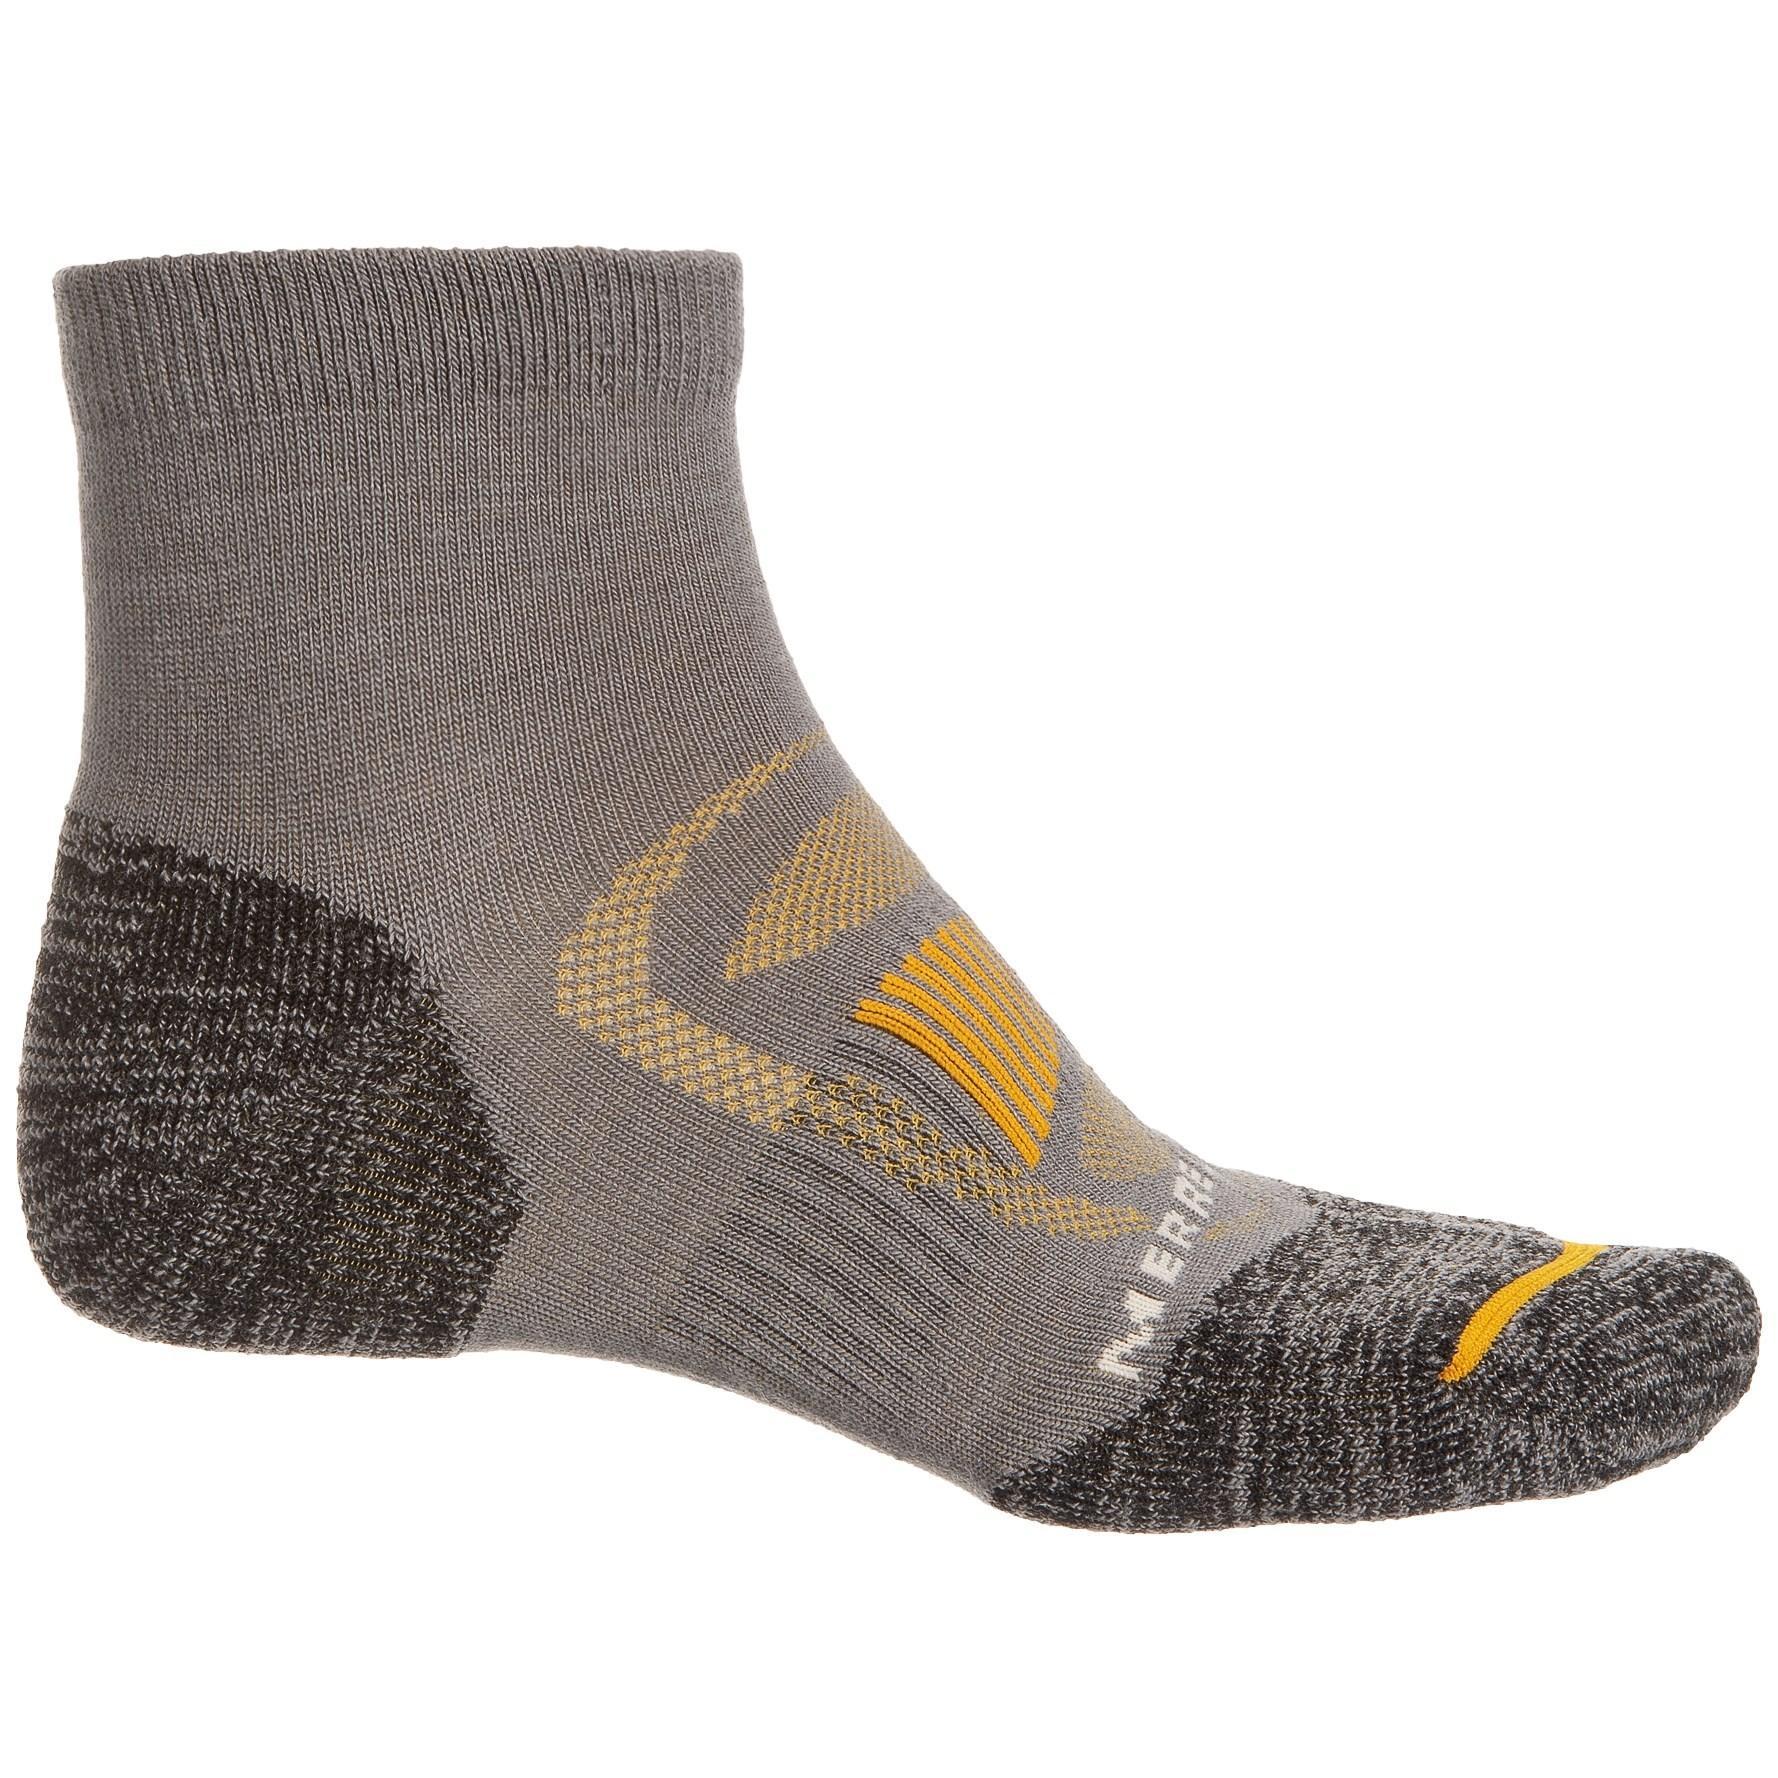 1186c8adfa7 Lyst - Merrell Zoned Light Hiker Socks in Brown for Men